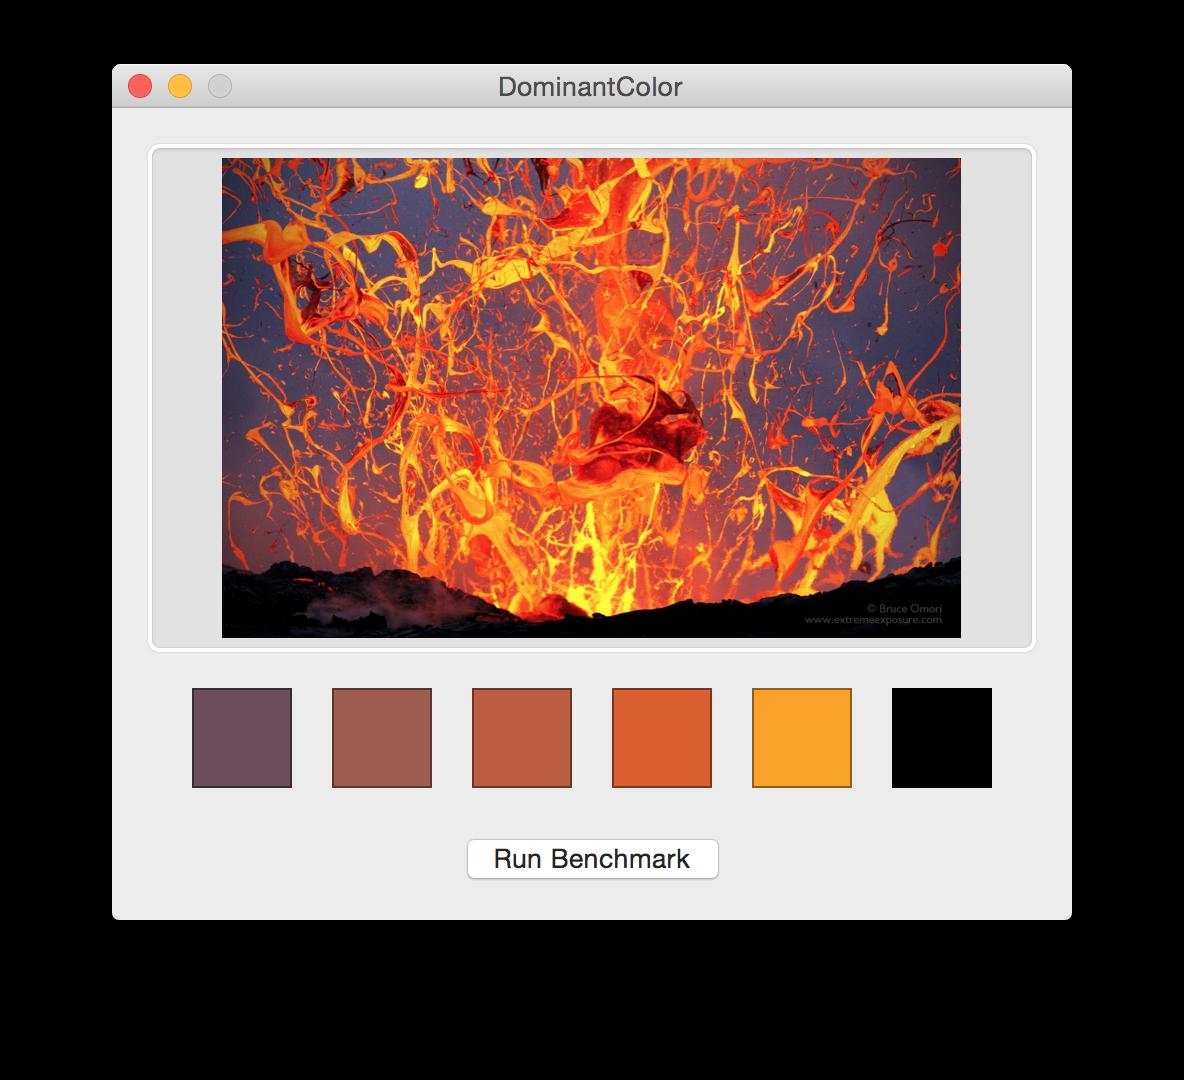 Swift实现的图片主色提取项目DominantColor